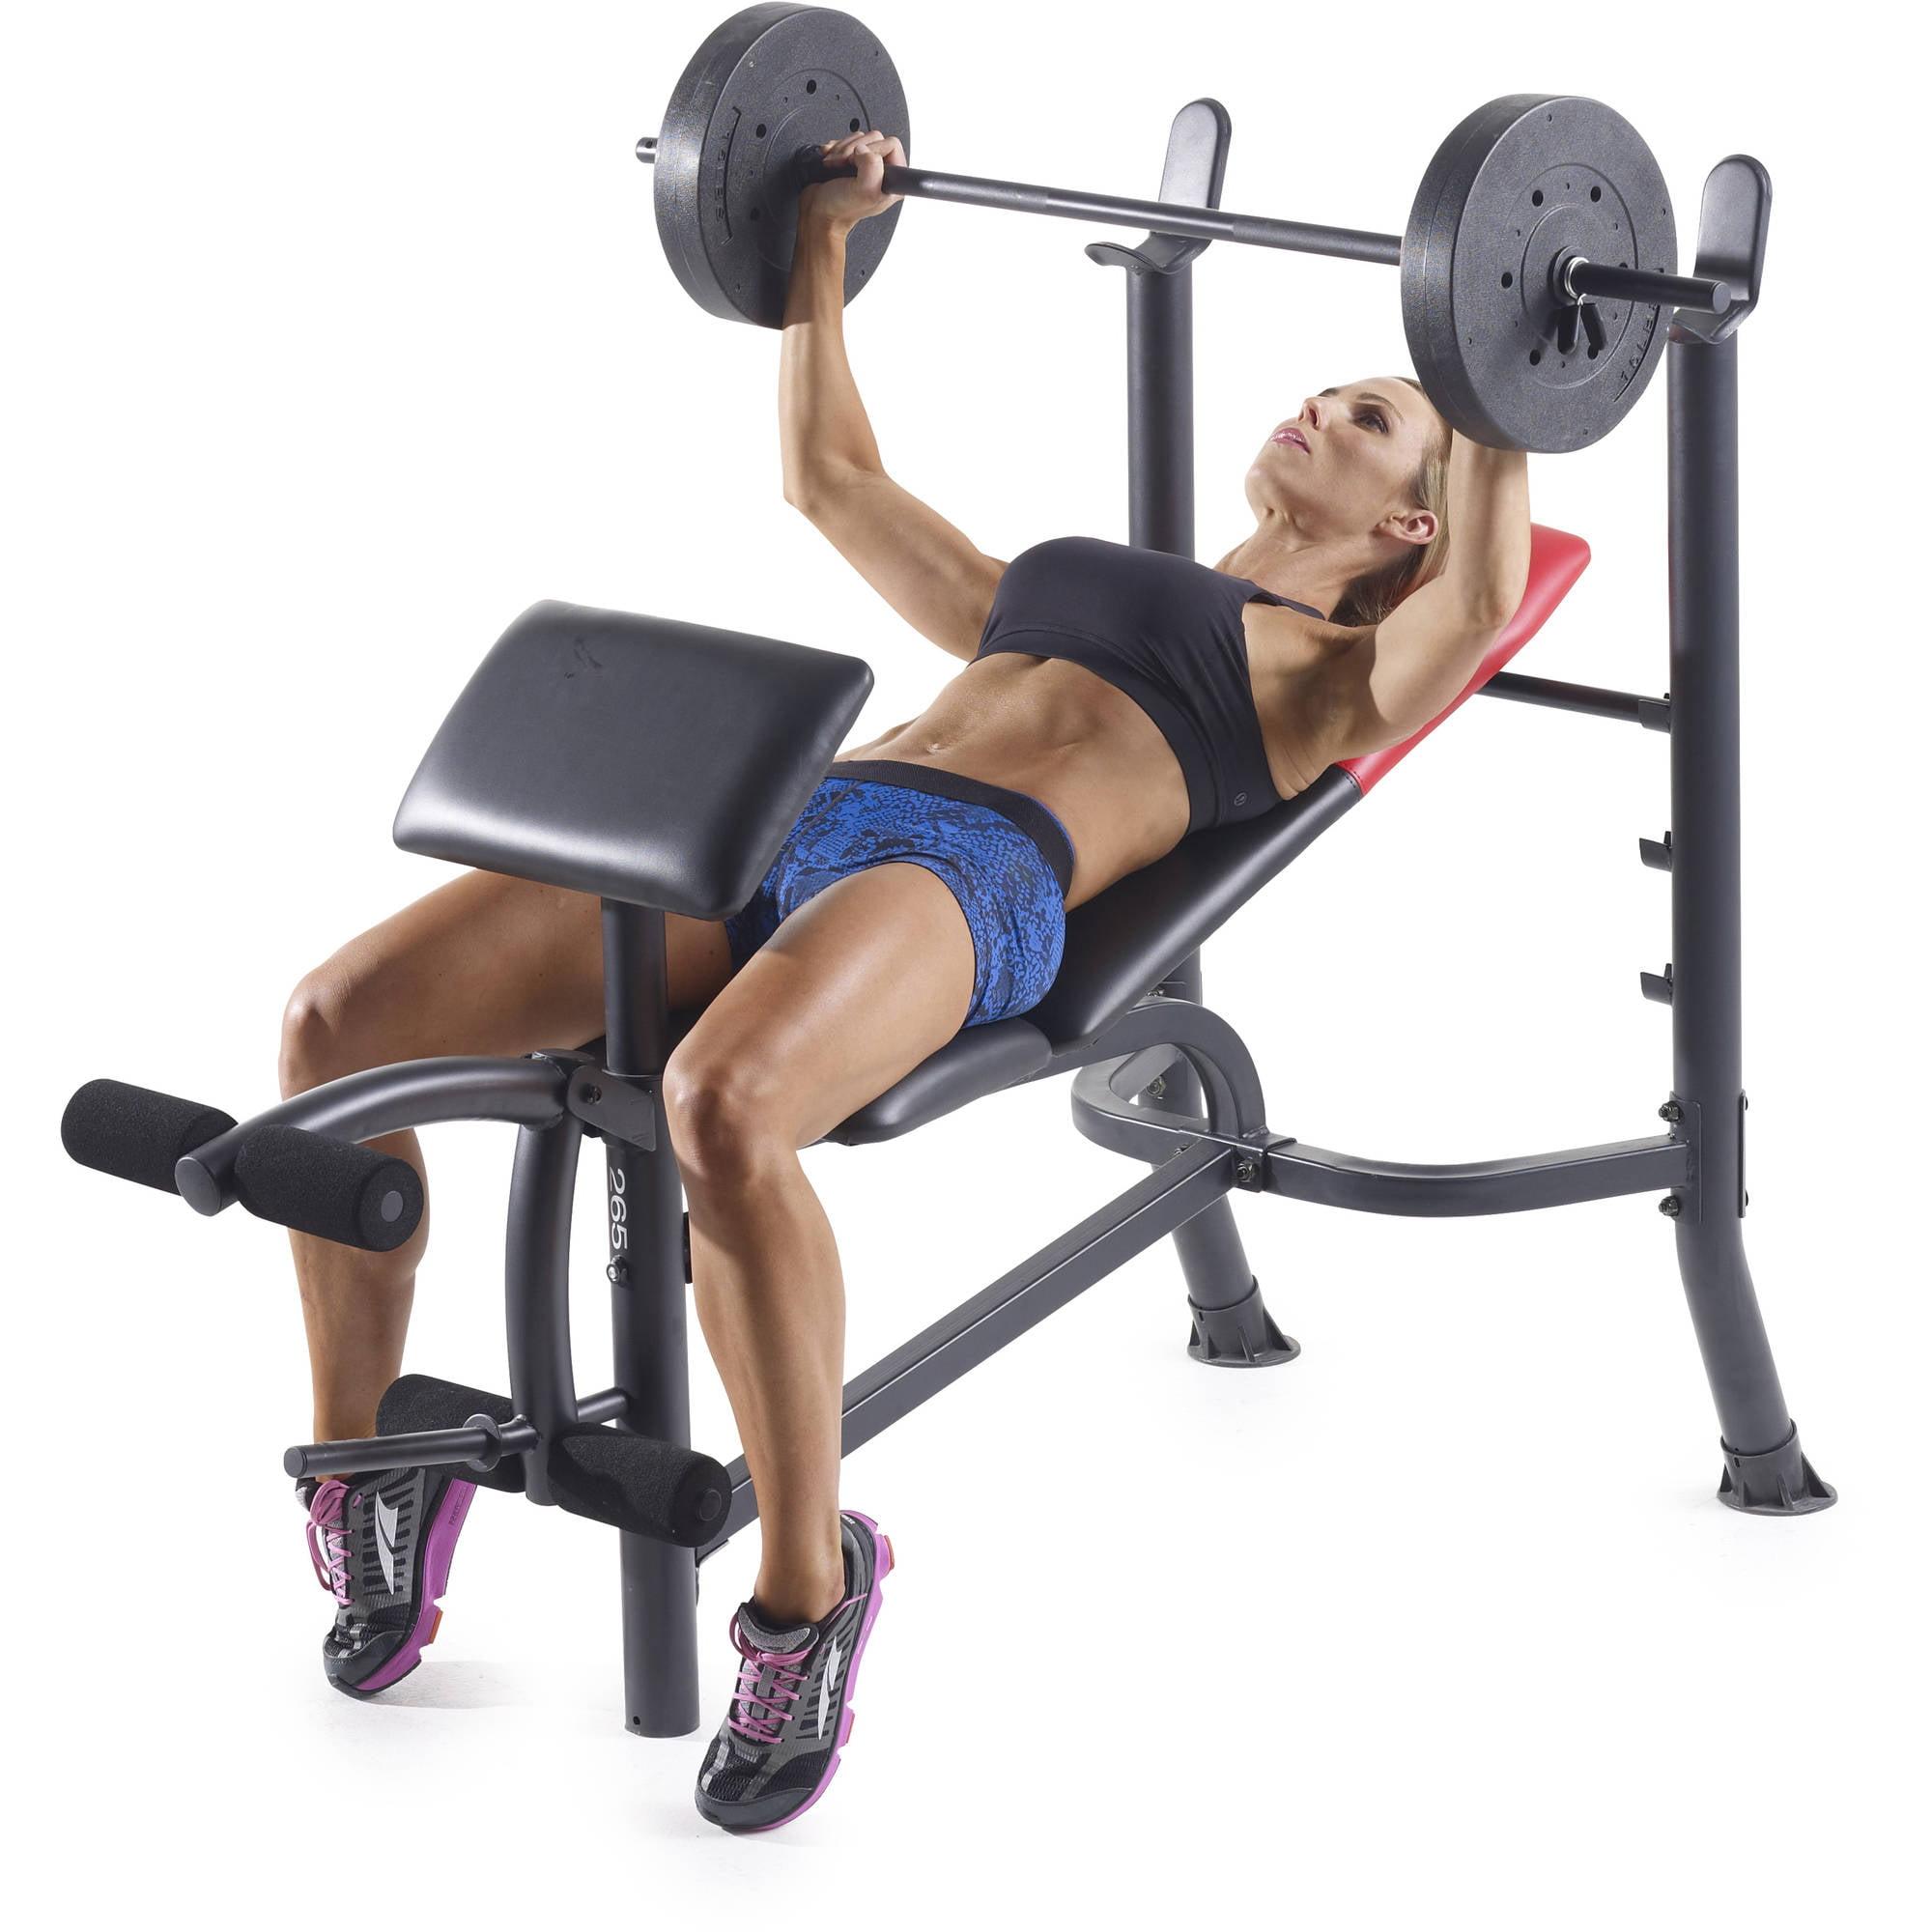 Free Weights Walmart: Weider Pro 265 Standard Bench With 80 Lb Vinyl Weight Set